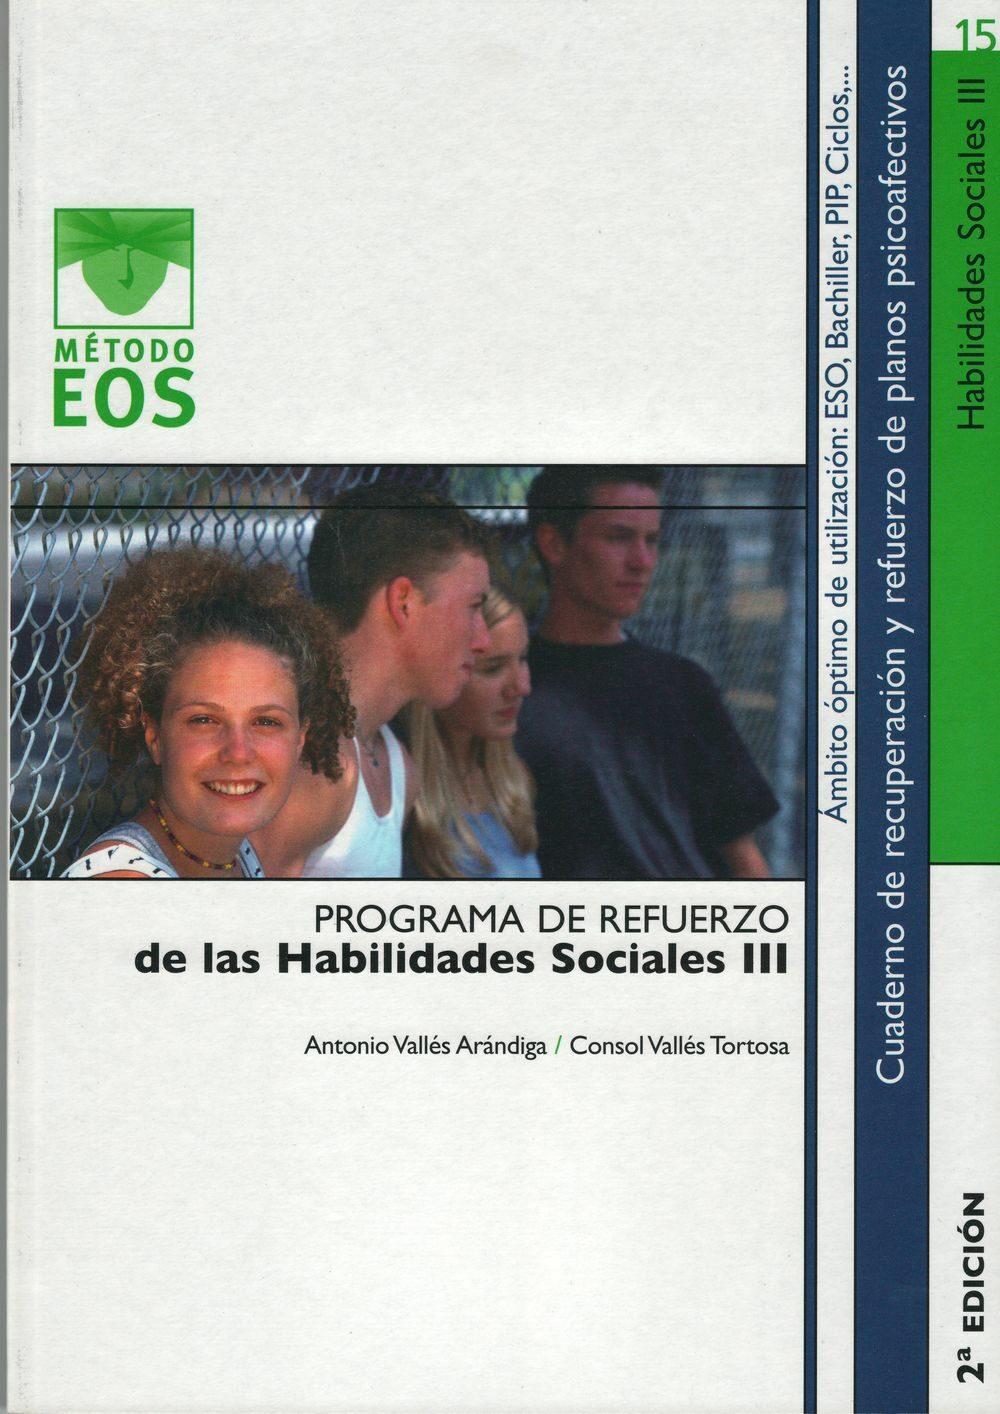 descargar PROGRAMA DE REFUERZO DE LAS HABILIDADES SOCIALES III pdf, ebook